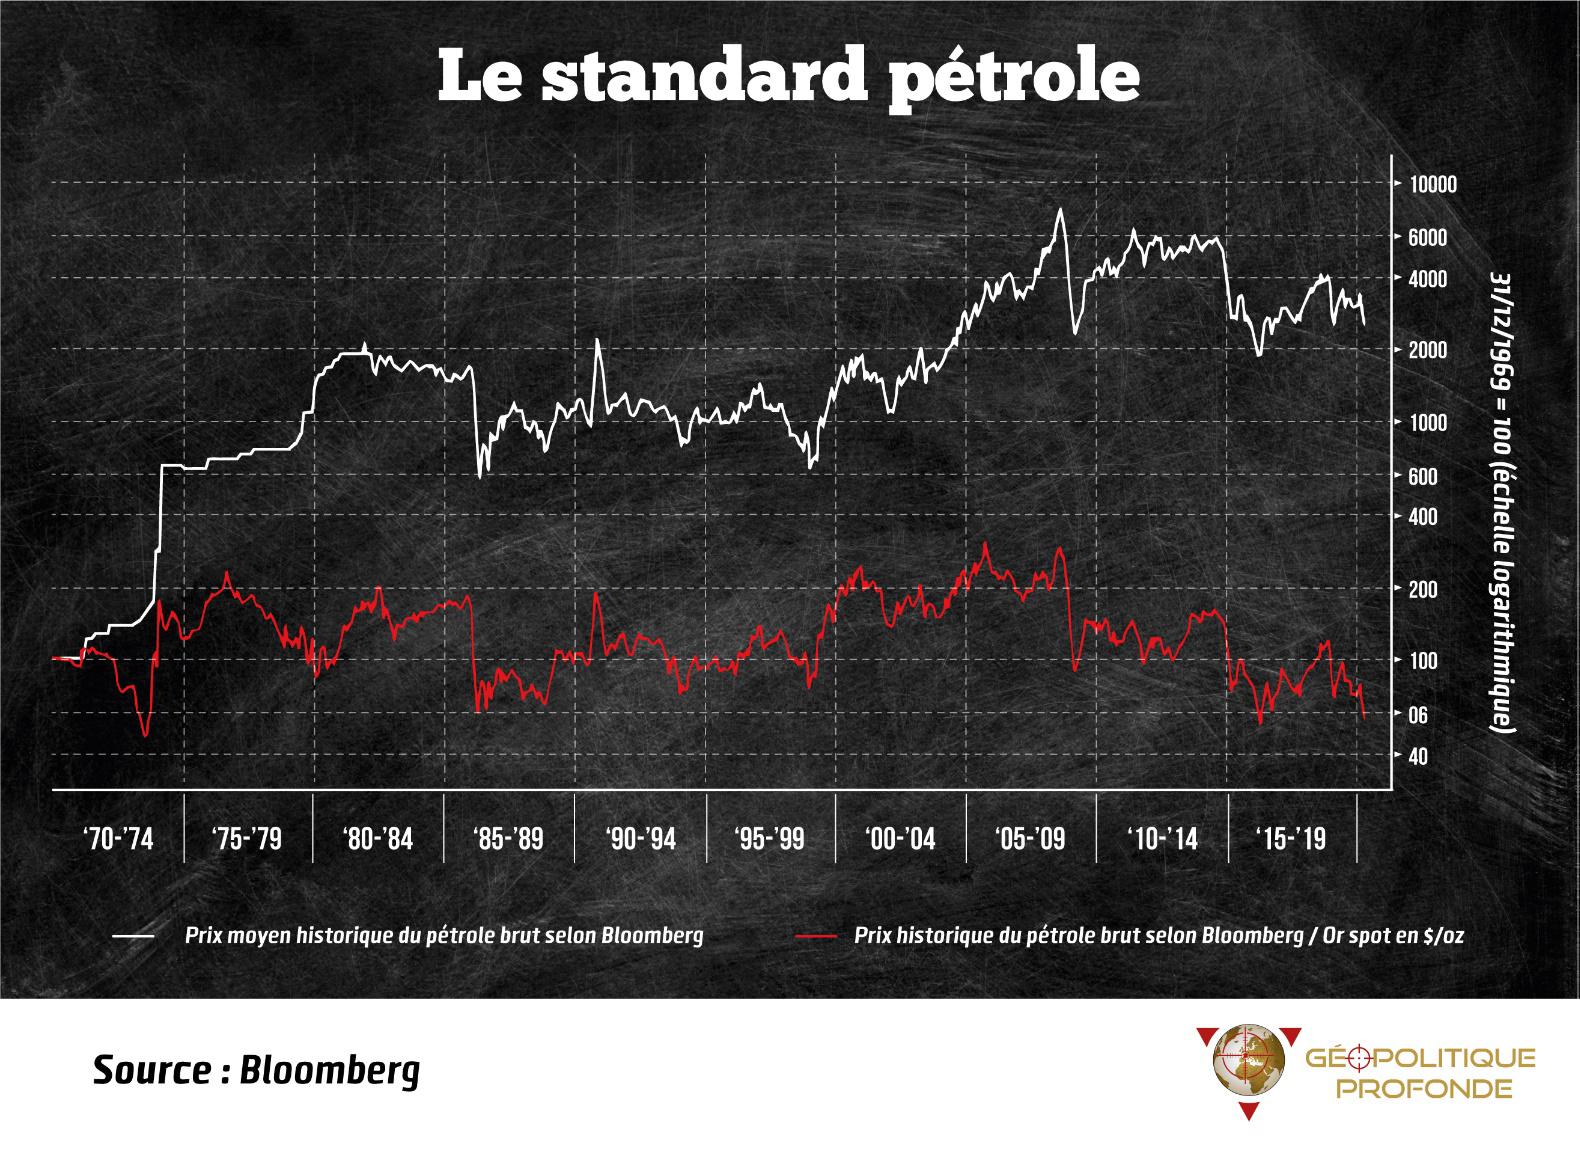 Le standard pétrole et le standard or